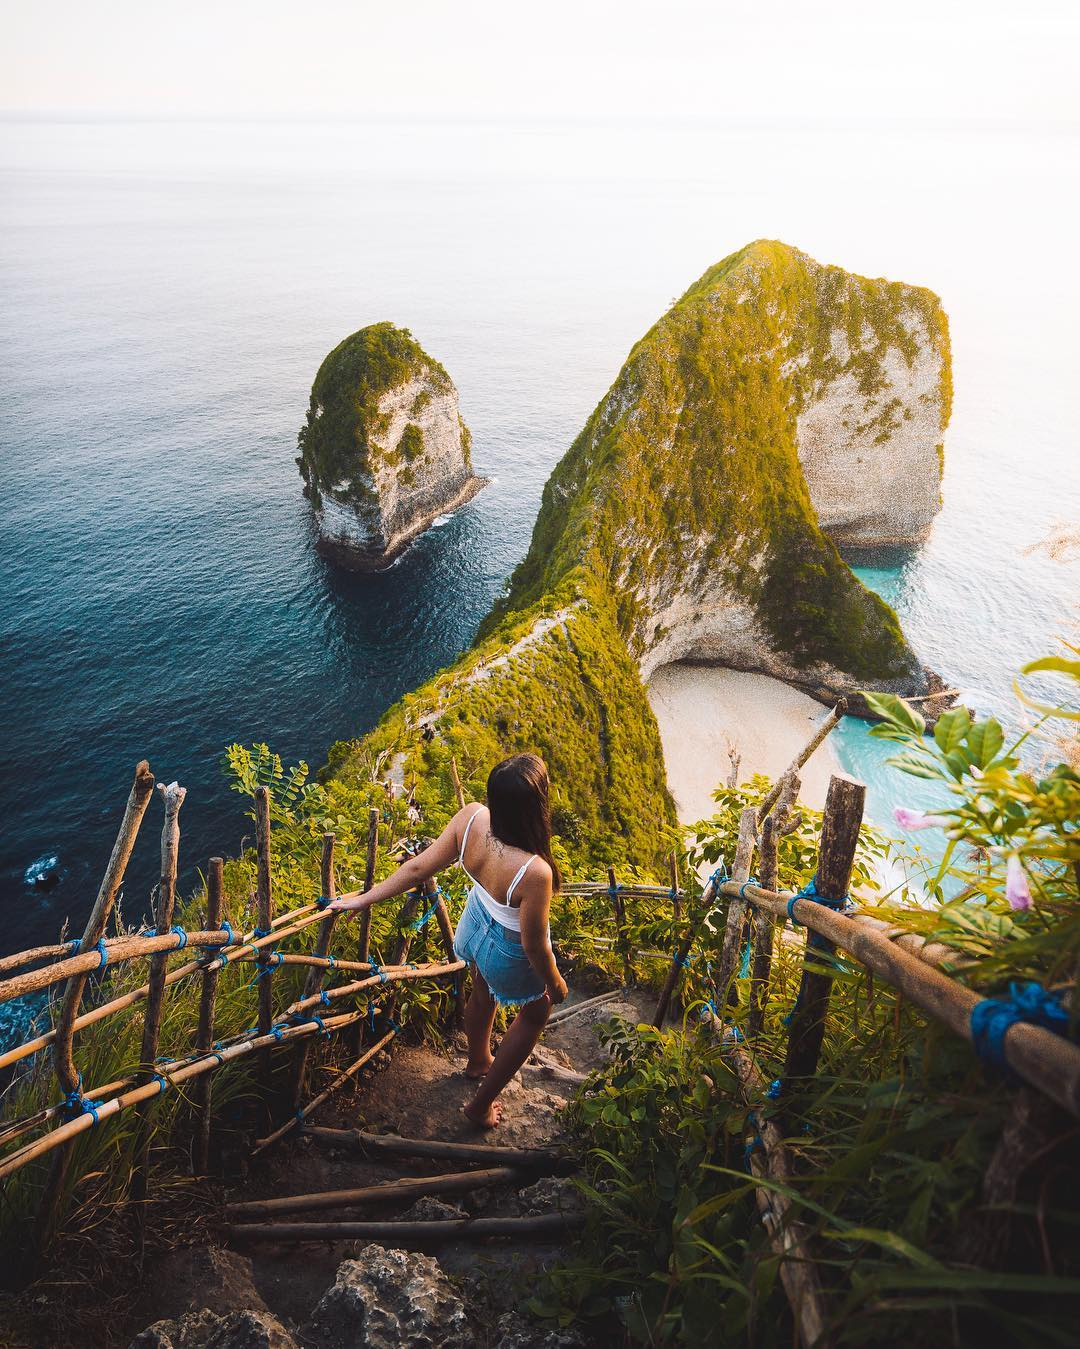 Природа и путешествия на снимках Кая Гроссманна